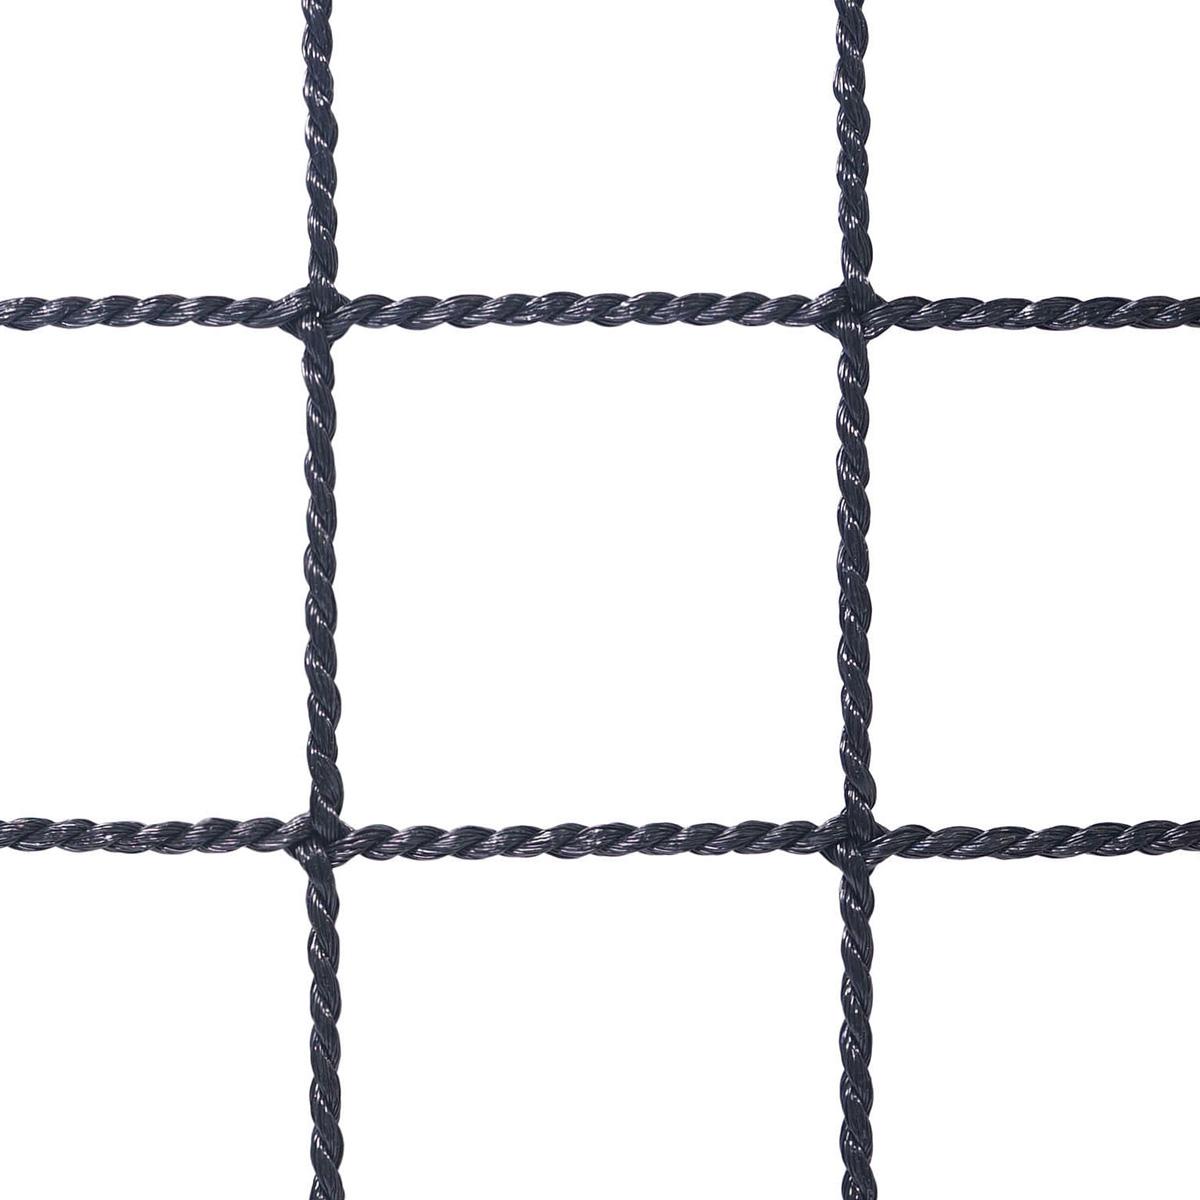 〈ヨリ線ネット37.5〉目合い:37.5mm カラー:ブラック